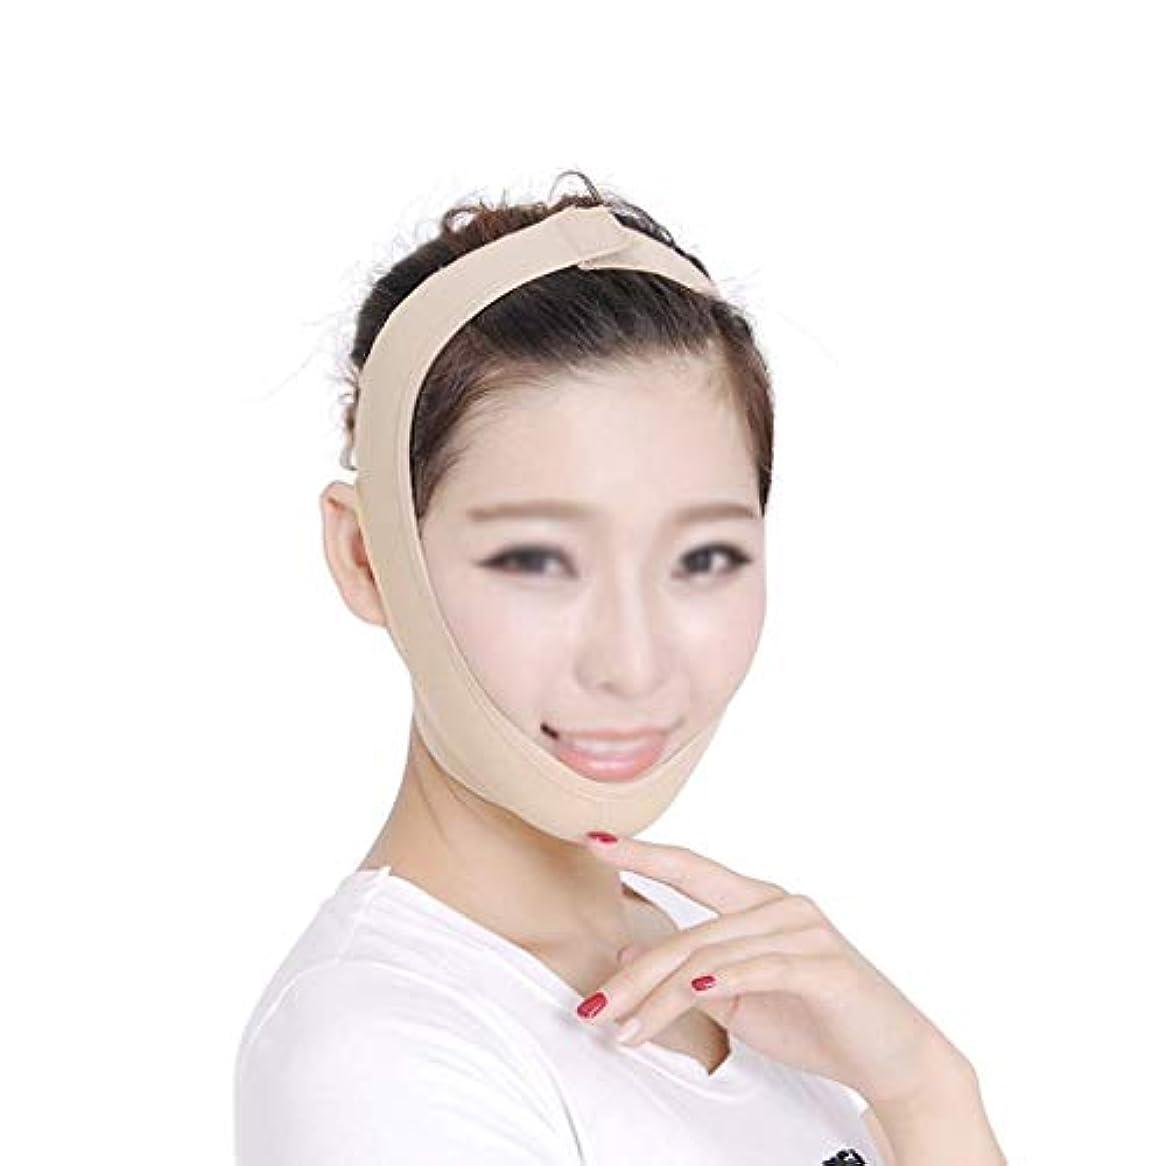 同級生異議アボートフェイシャル減量マスクリフティングフェイス、フェイスマスク、減量包帯を除去するためのダブルチン、フェイシャルリフティング包帯、ダブルチンを減らすためのリフティングベルト(カラー:ブラック、サイズ:M),イエローピンク、L